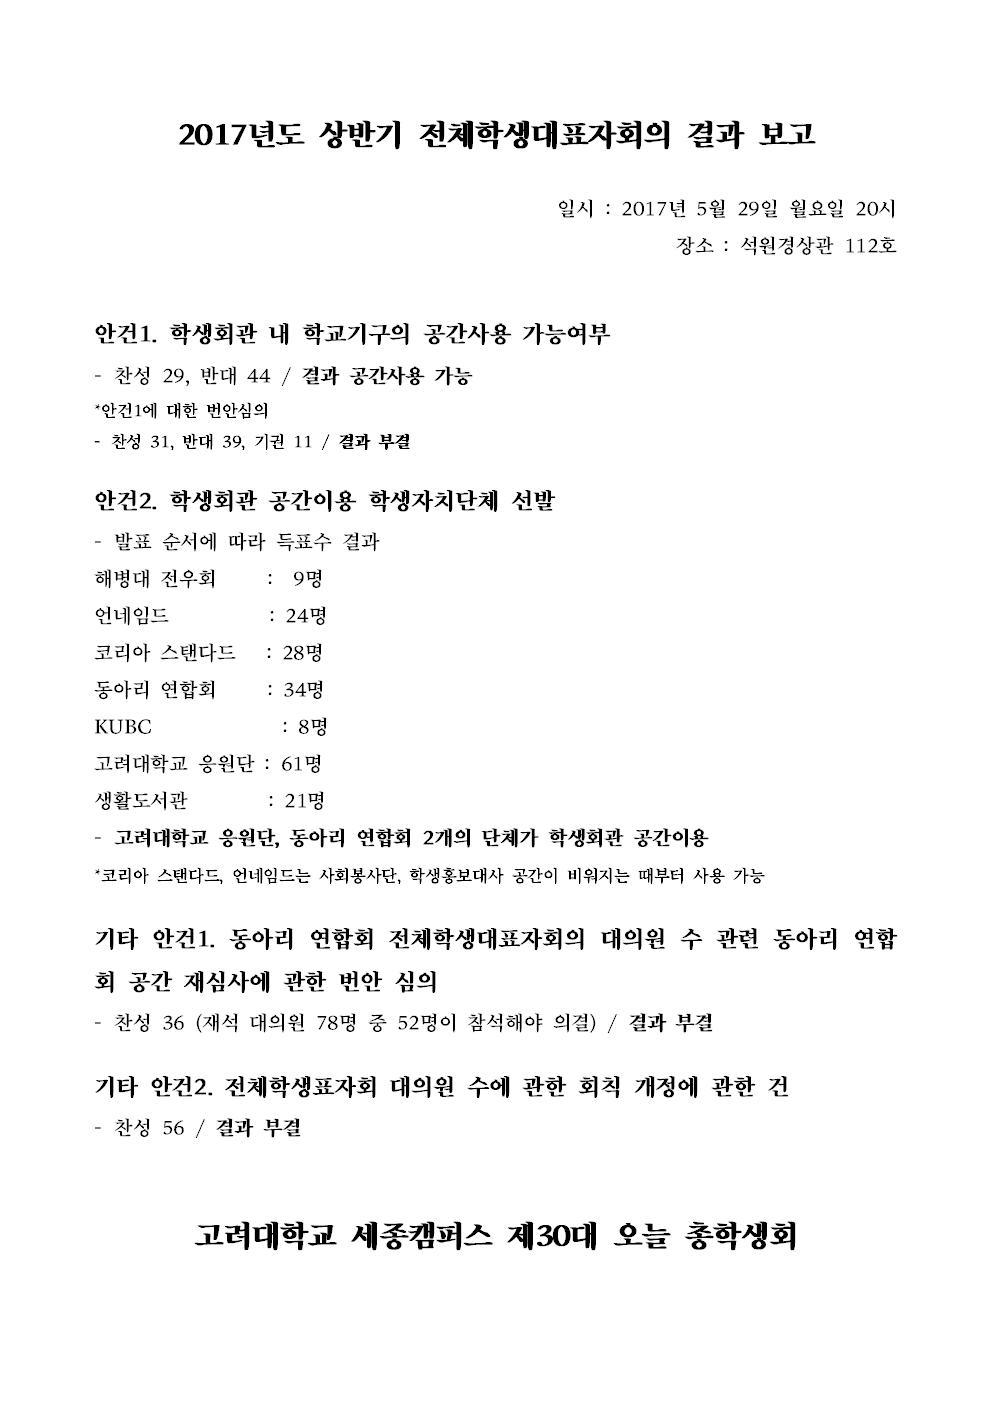 2017년 상반기 전체학생대표자회의 결과 보고.jpg